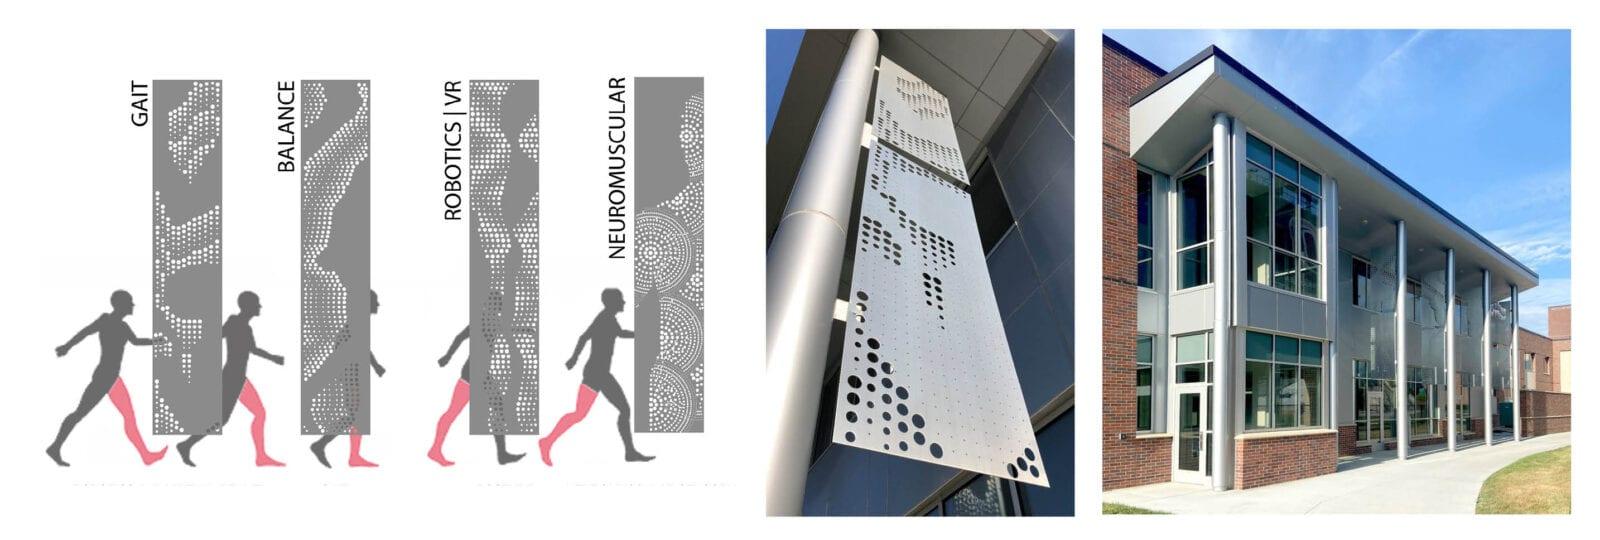 Schemmer_UNO Biomechanics Building Columns